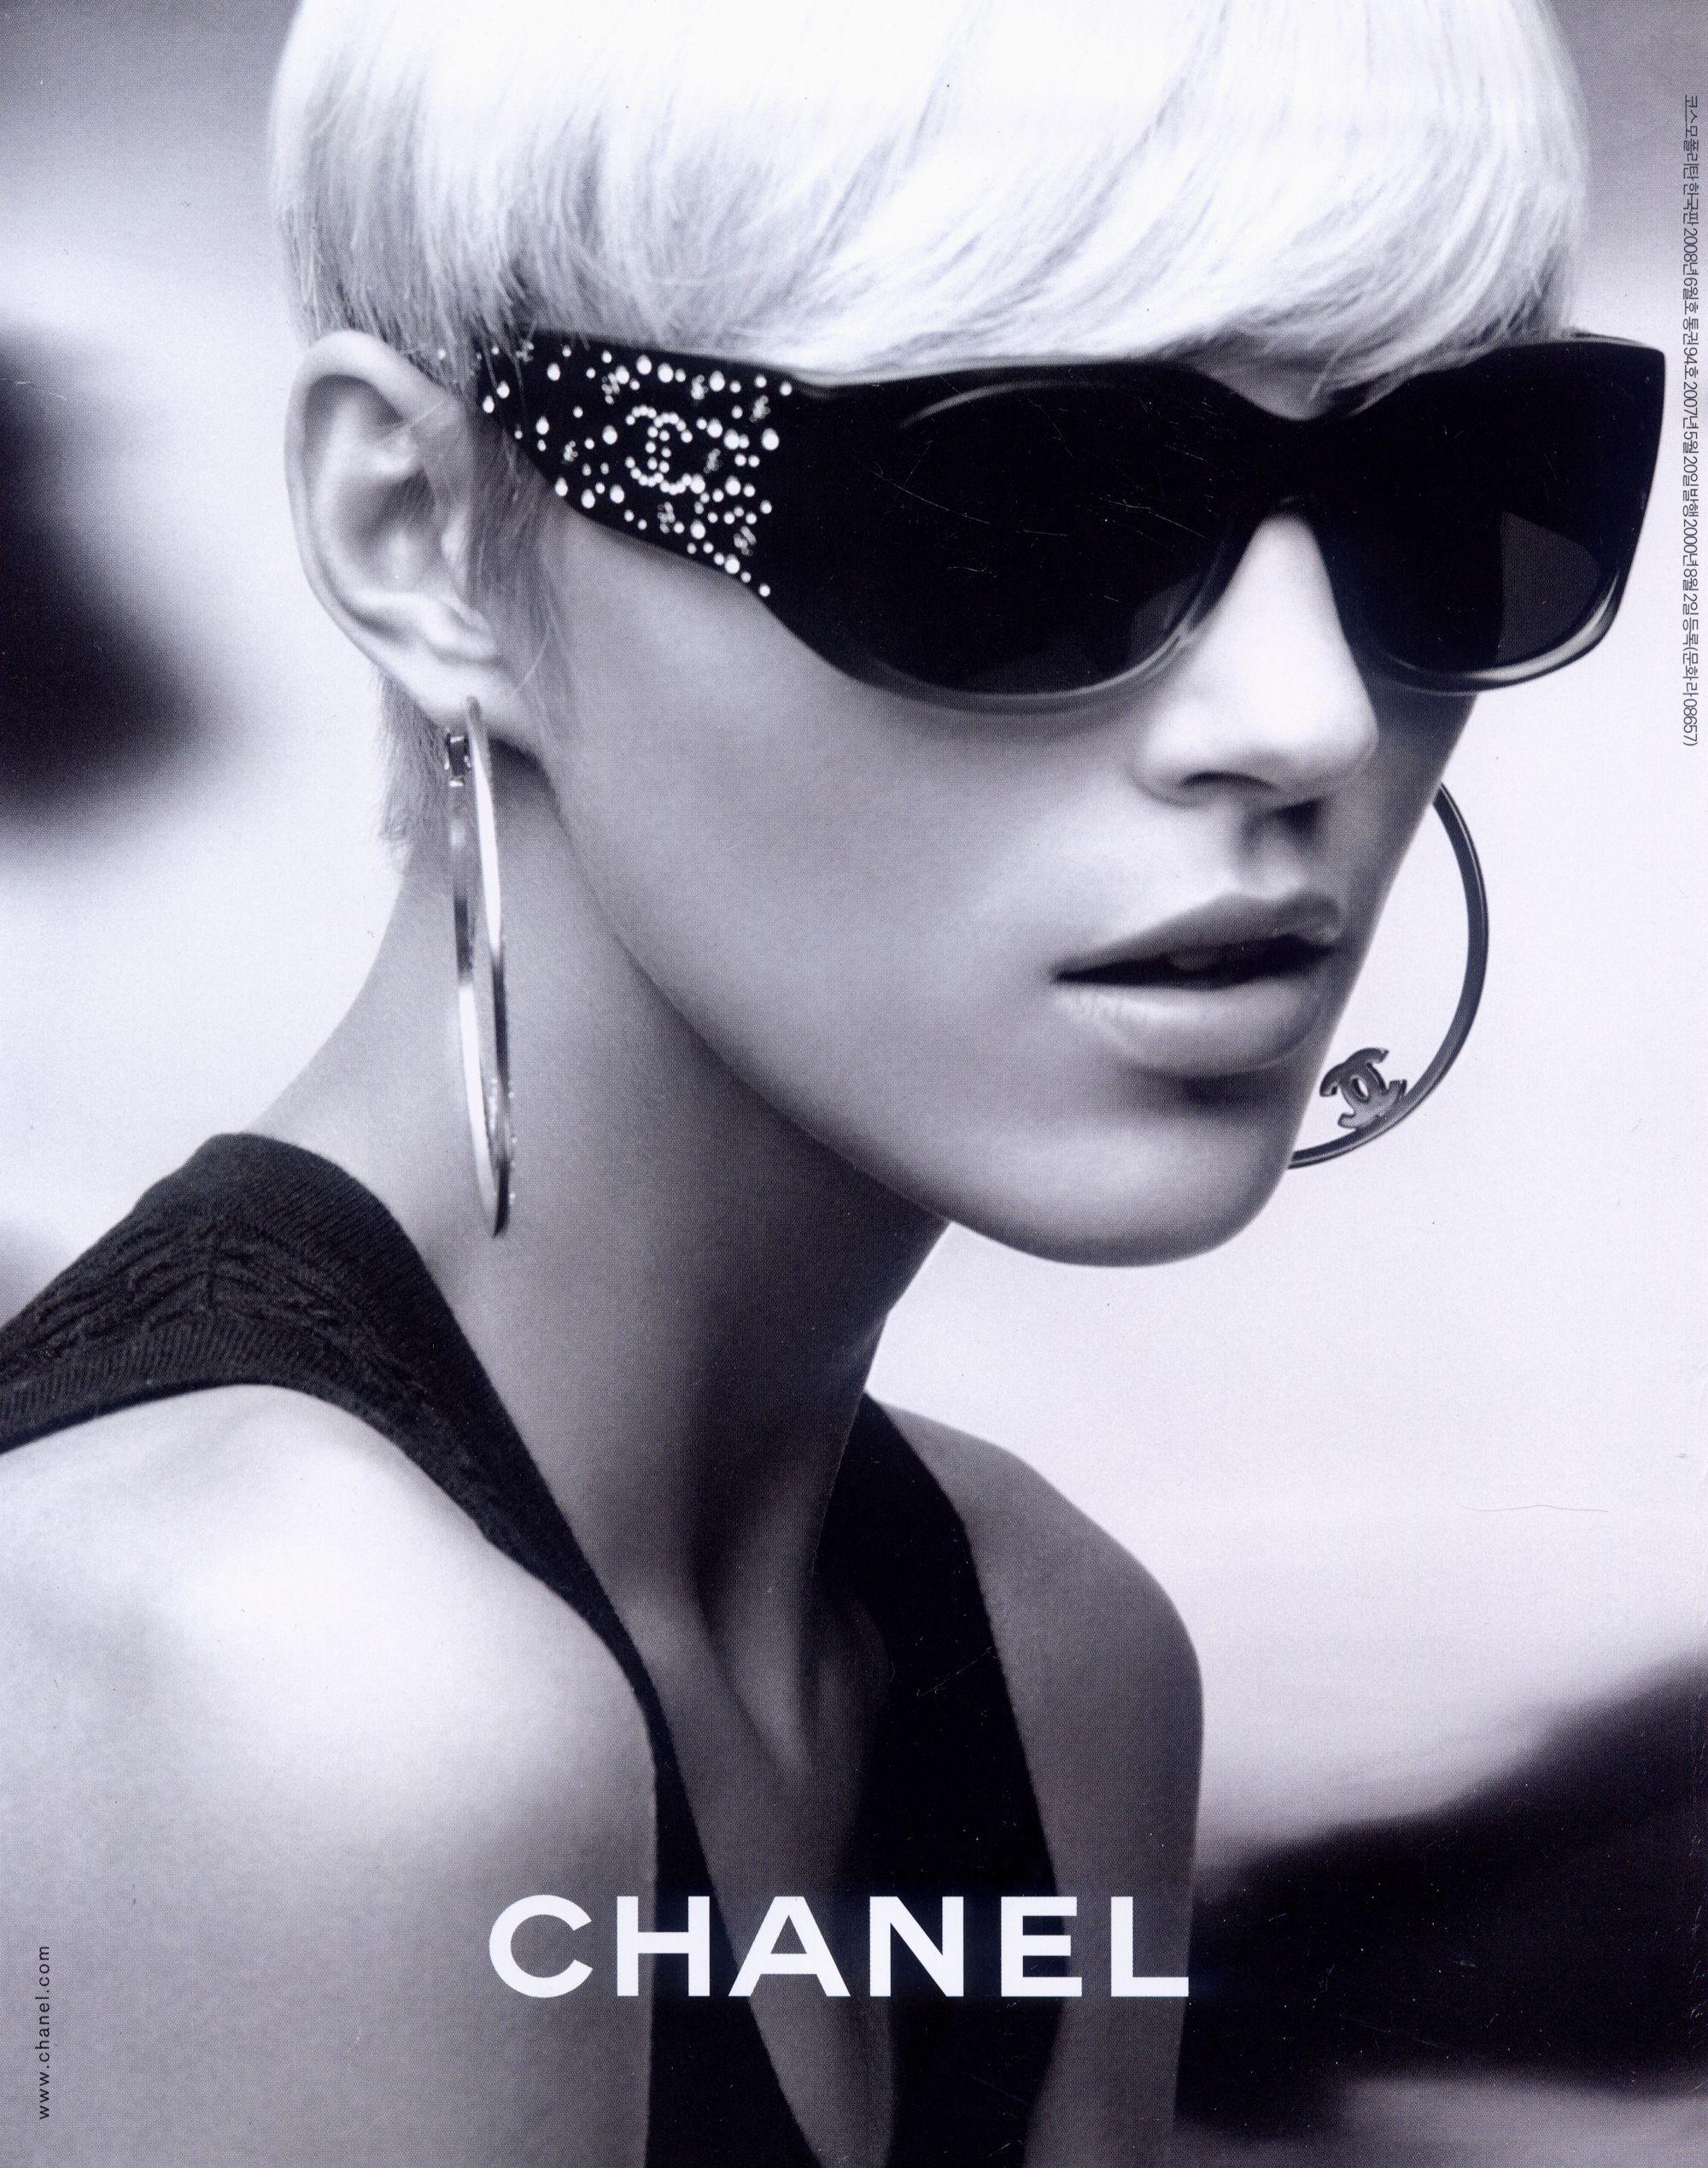 d3f896fed248 Chanel eyewear, short hair | Hair | Chanel glasses, Fashion, Eyewear